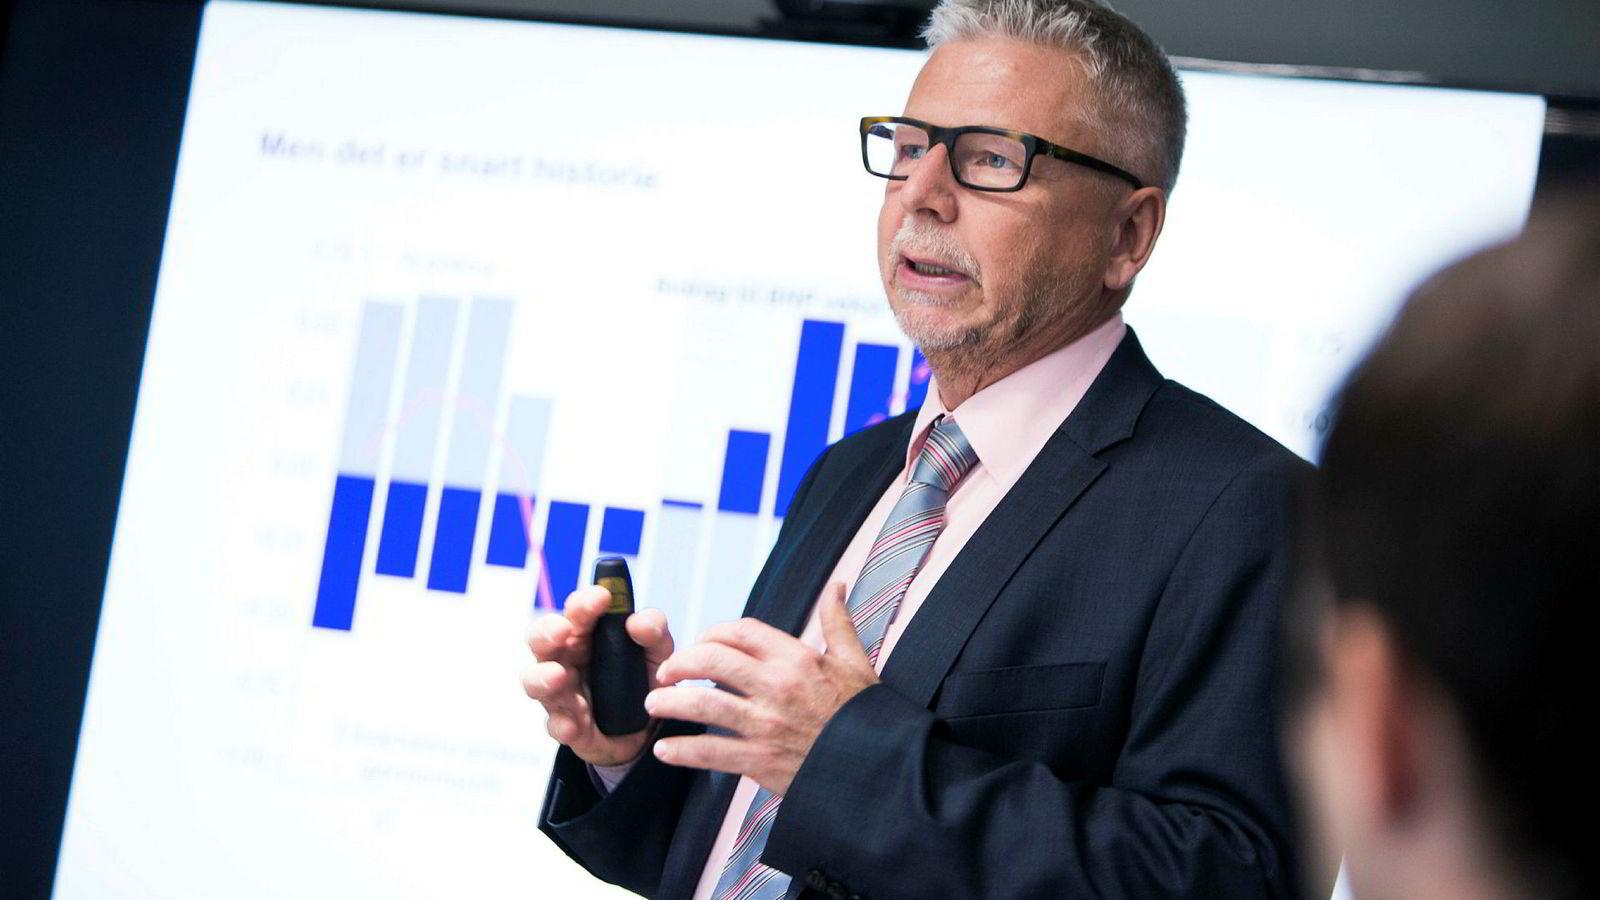 Erik Bruce, sjefanalytiker i Nordea Markets, mener økt privat forbruk og oljeinvesteringer vil holde den økonomiske veksten oppe.